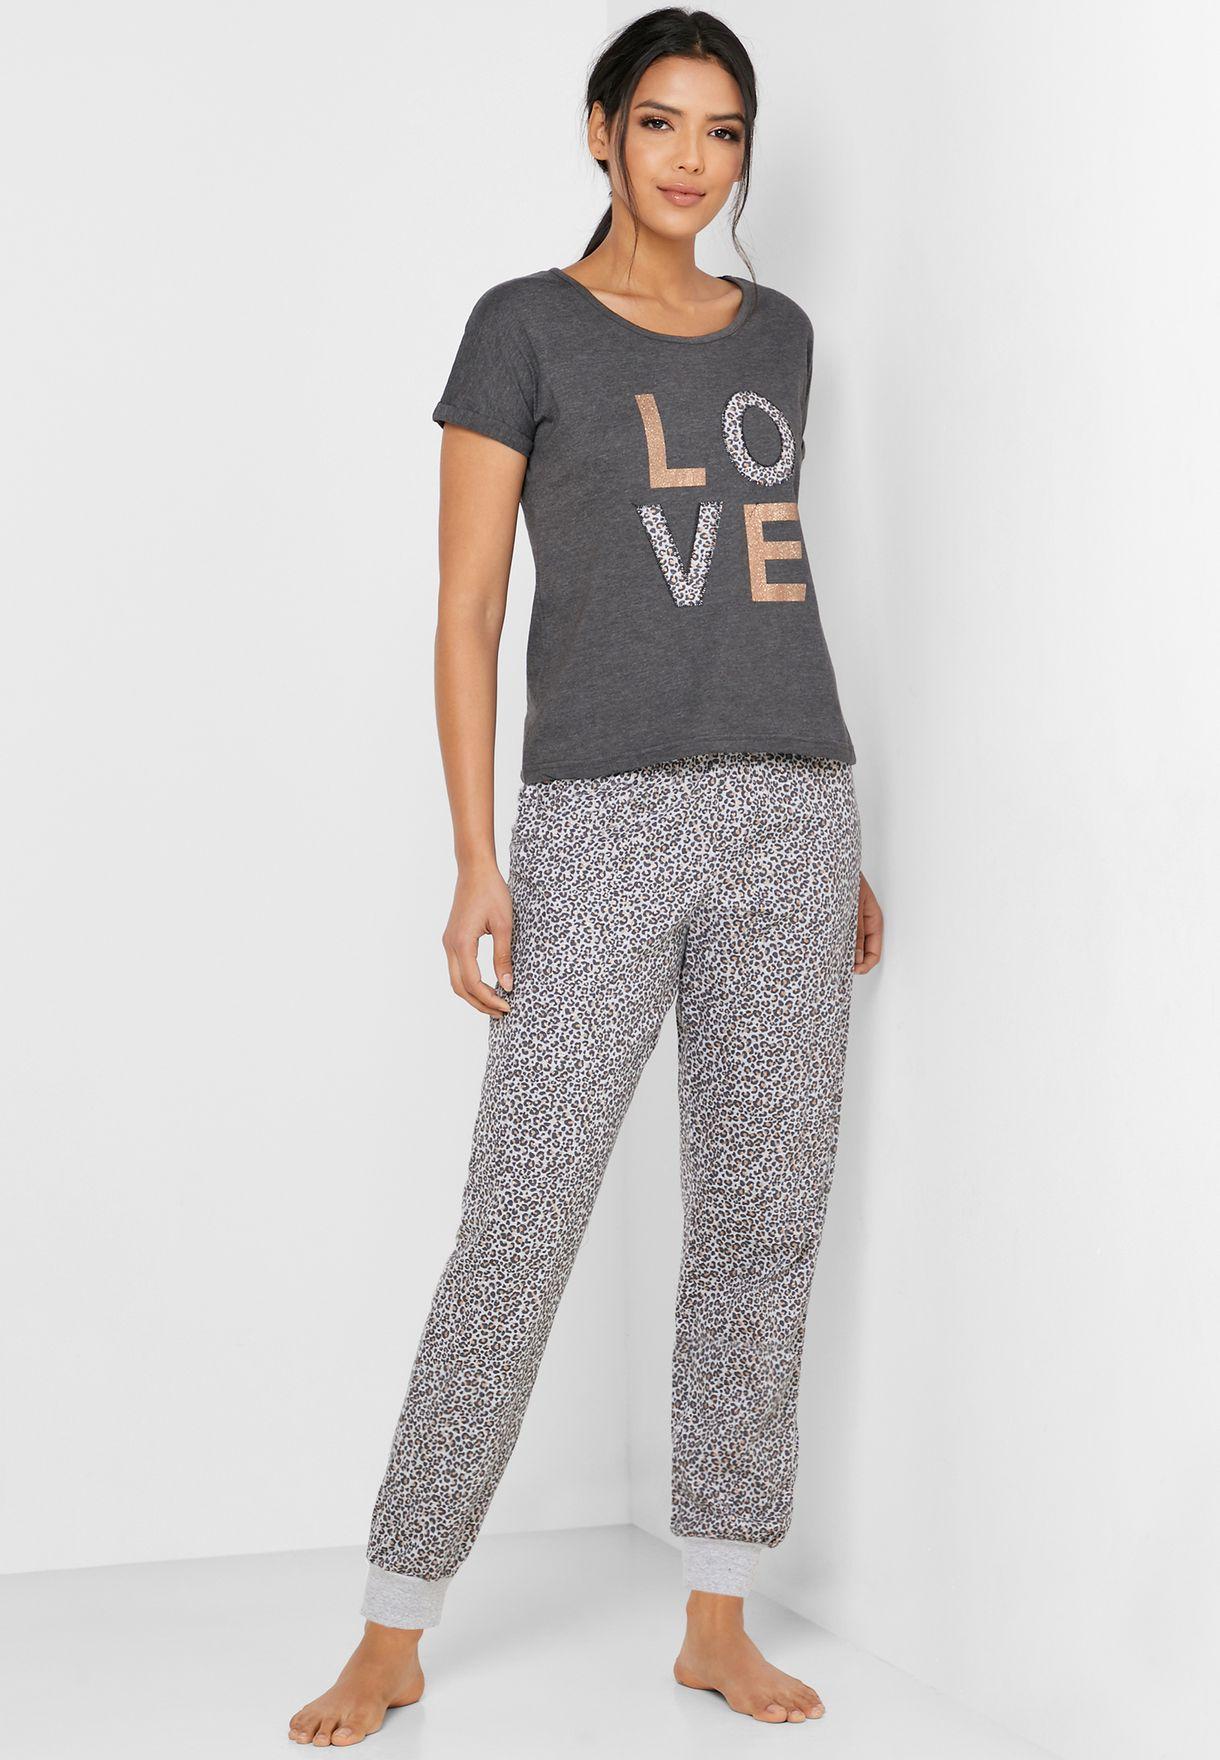 Slogan Tank Top & Pyjama Set